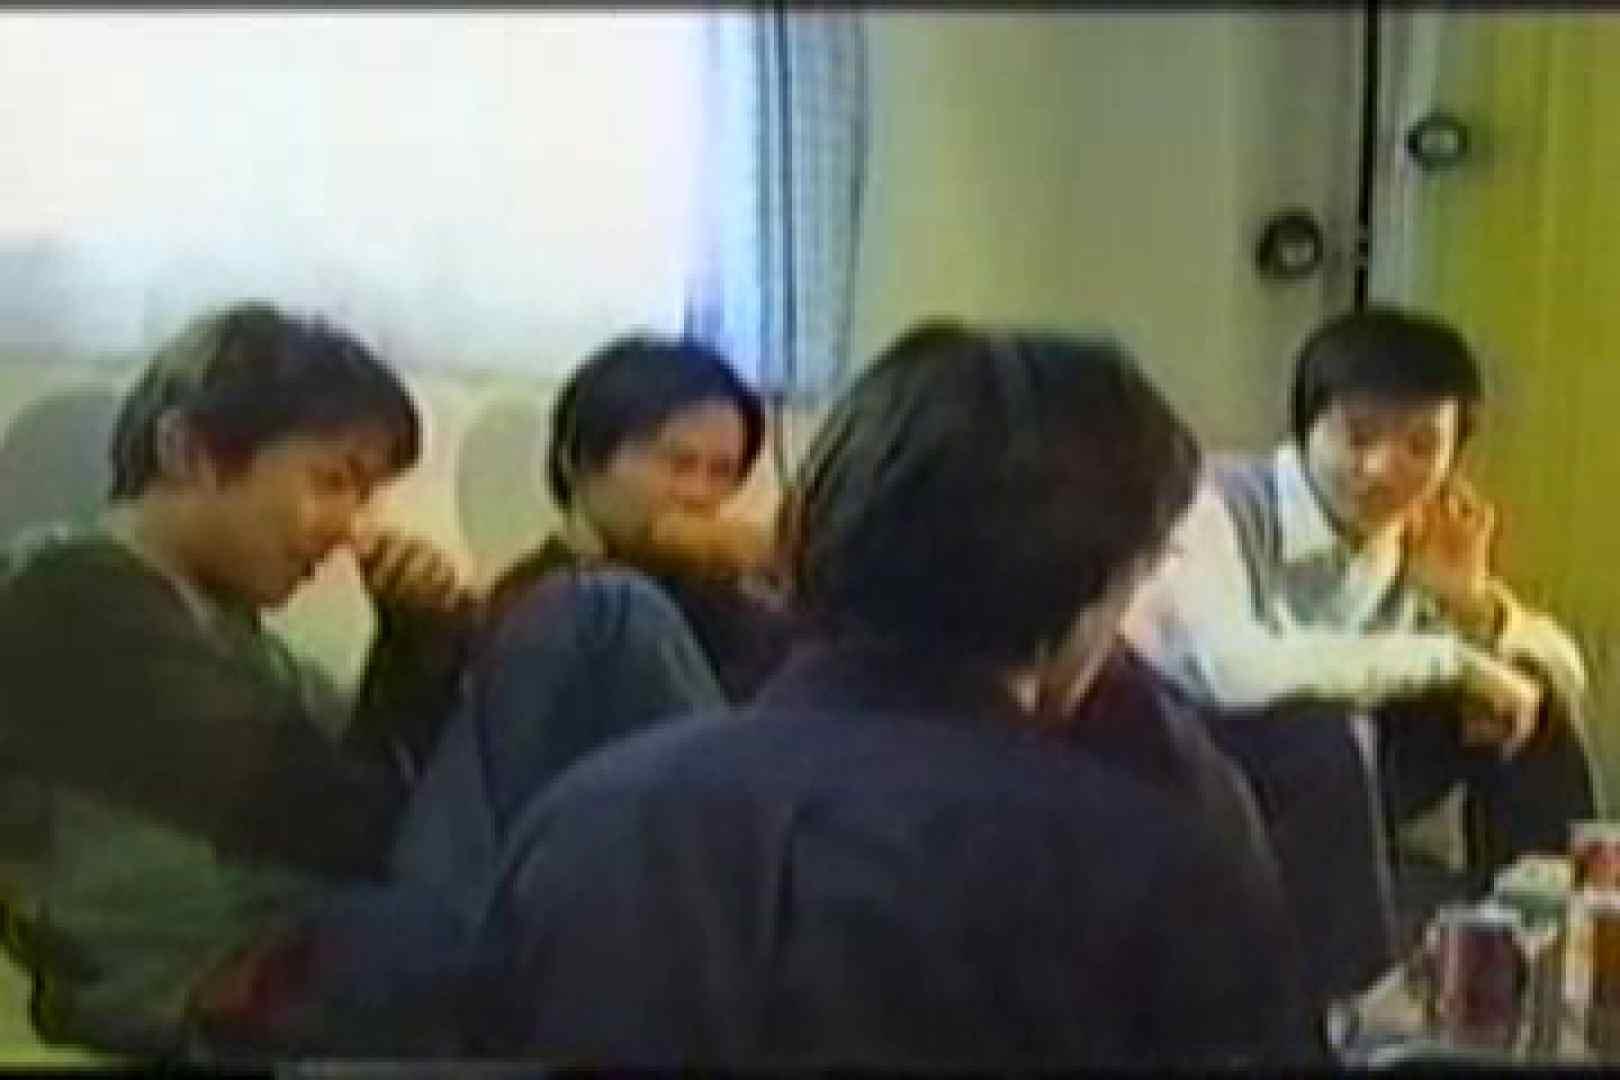 【流出】若者たちの集い 口穴串挿し ゲイエロ動画 77pic 30